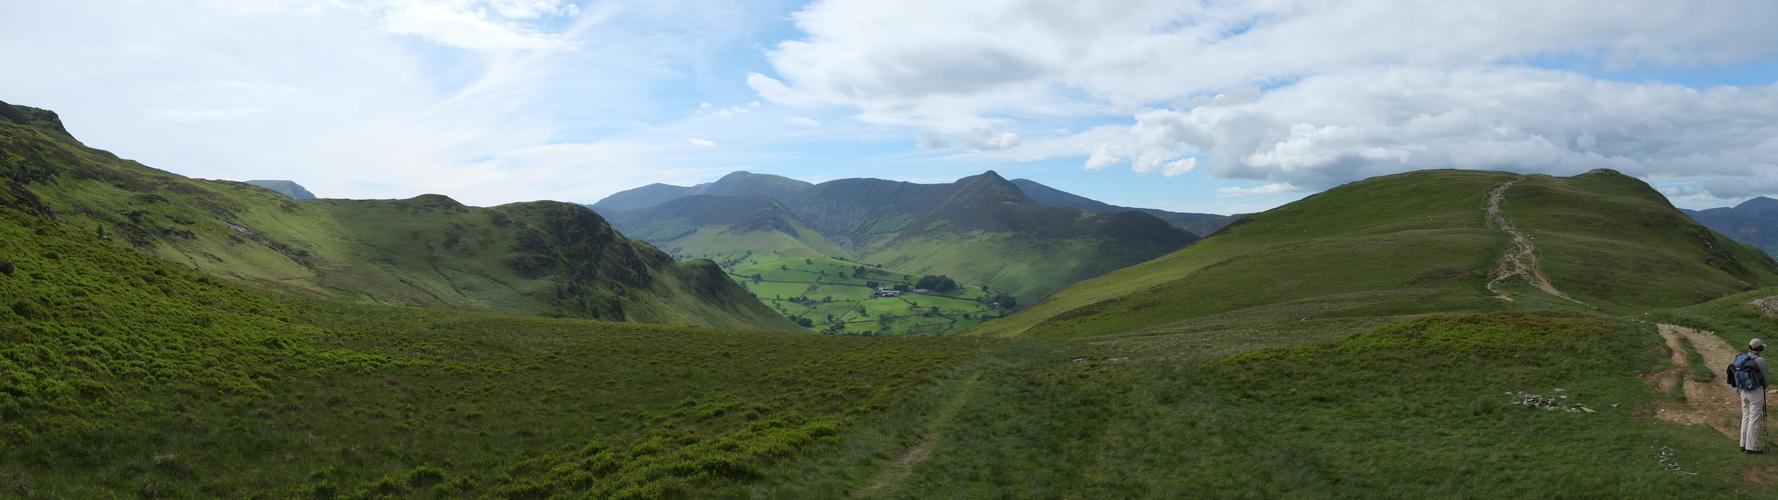 Lake District Panorama 2